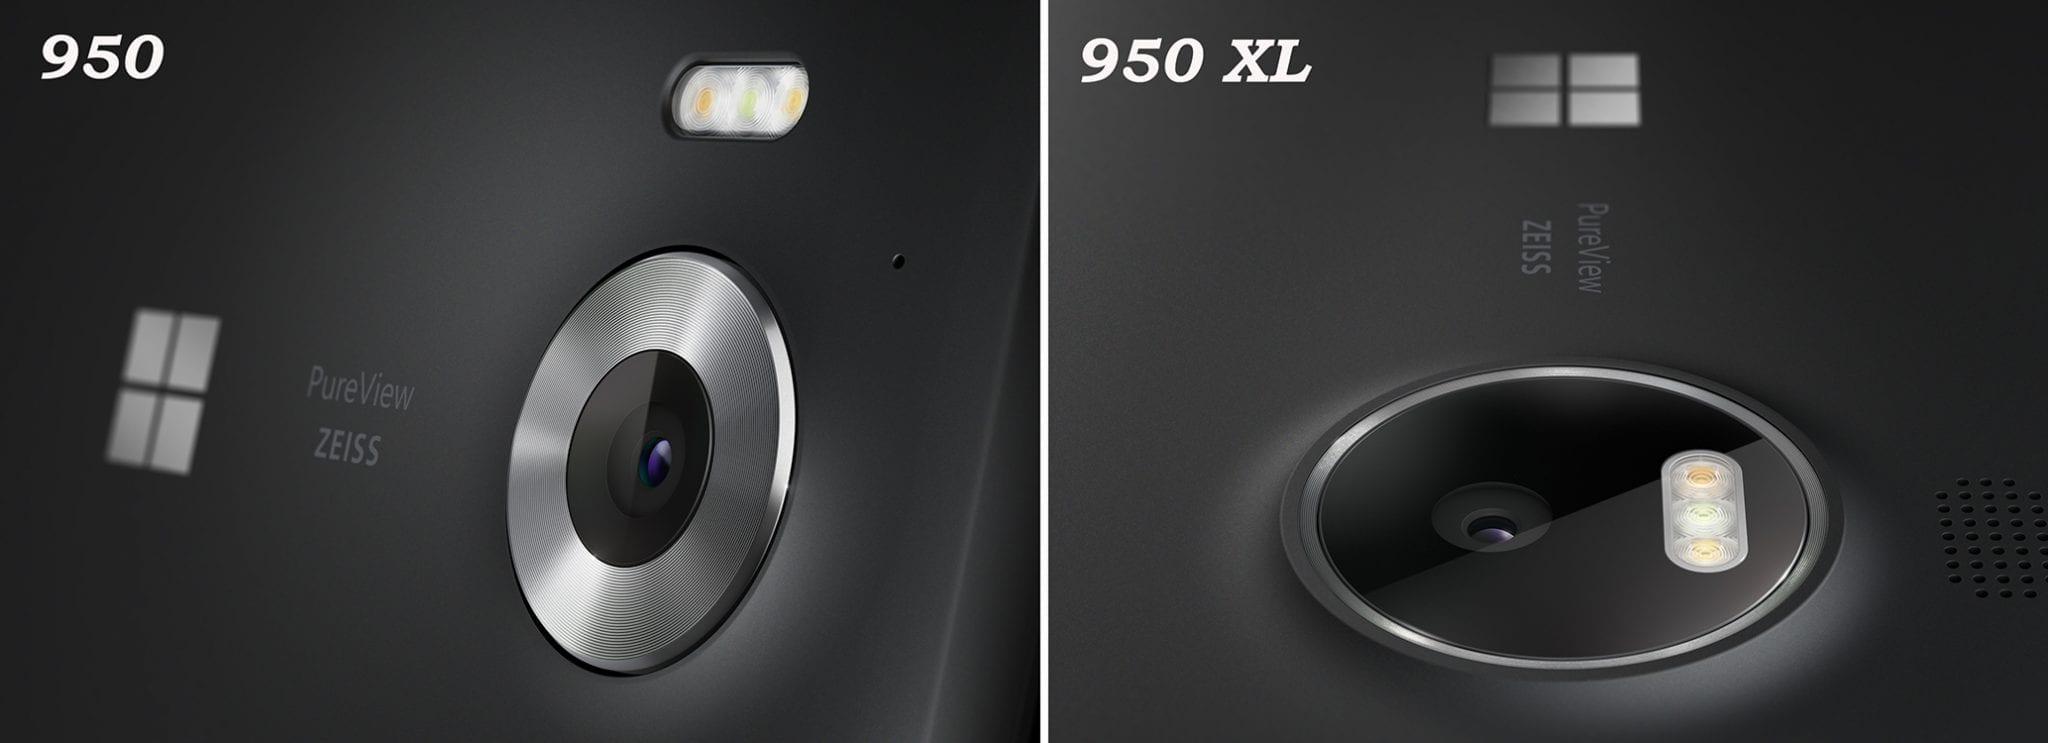 Capteurs 950 et XL